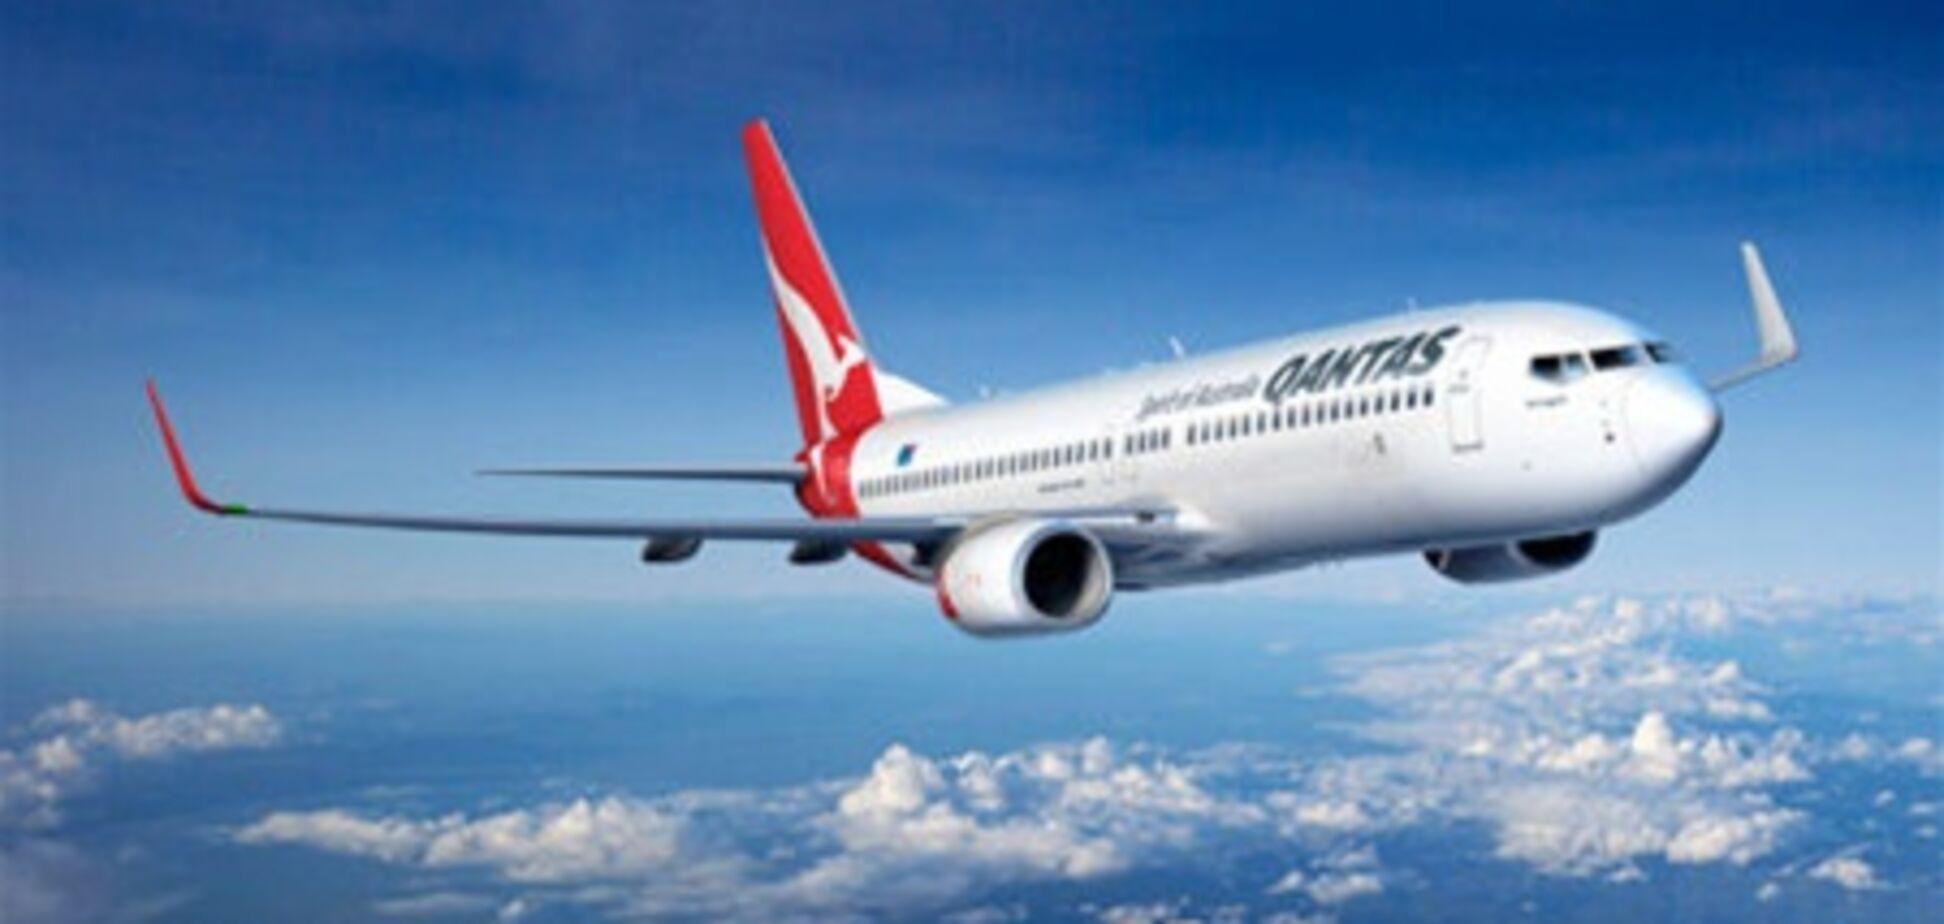 Можно ли купить билет на самолет дешевле?